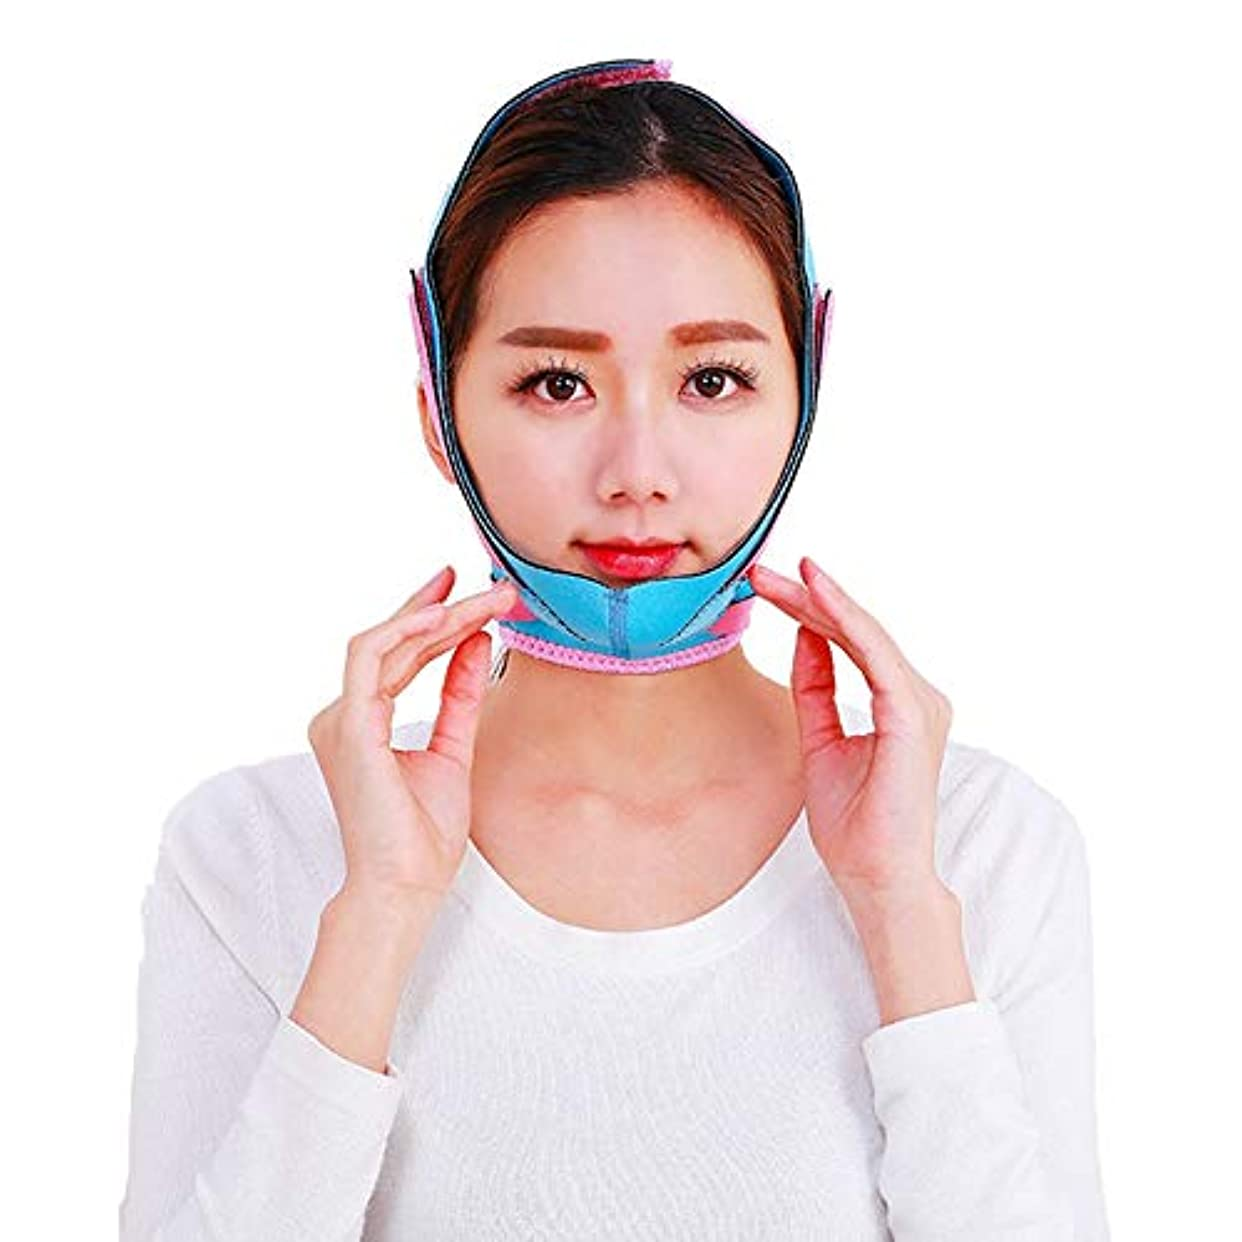 活性化合金セレナ薄い顔のベルト - 薄い顔のベルト 顔の包帯前面のリフティングマスクVの顔薄い面の小さな持ち上げツール 美しさ